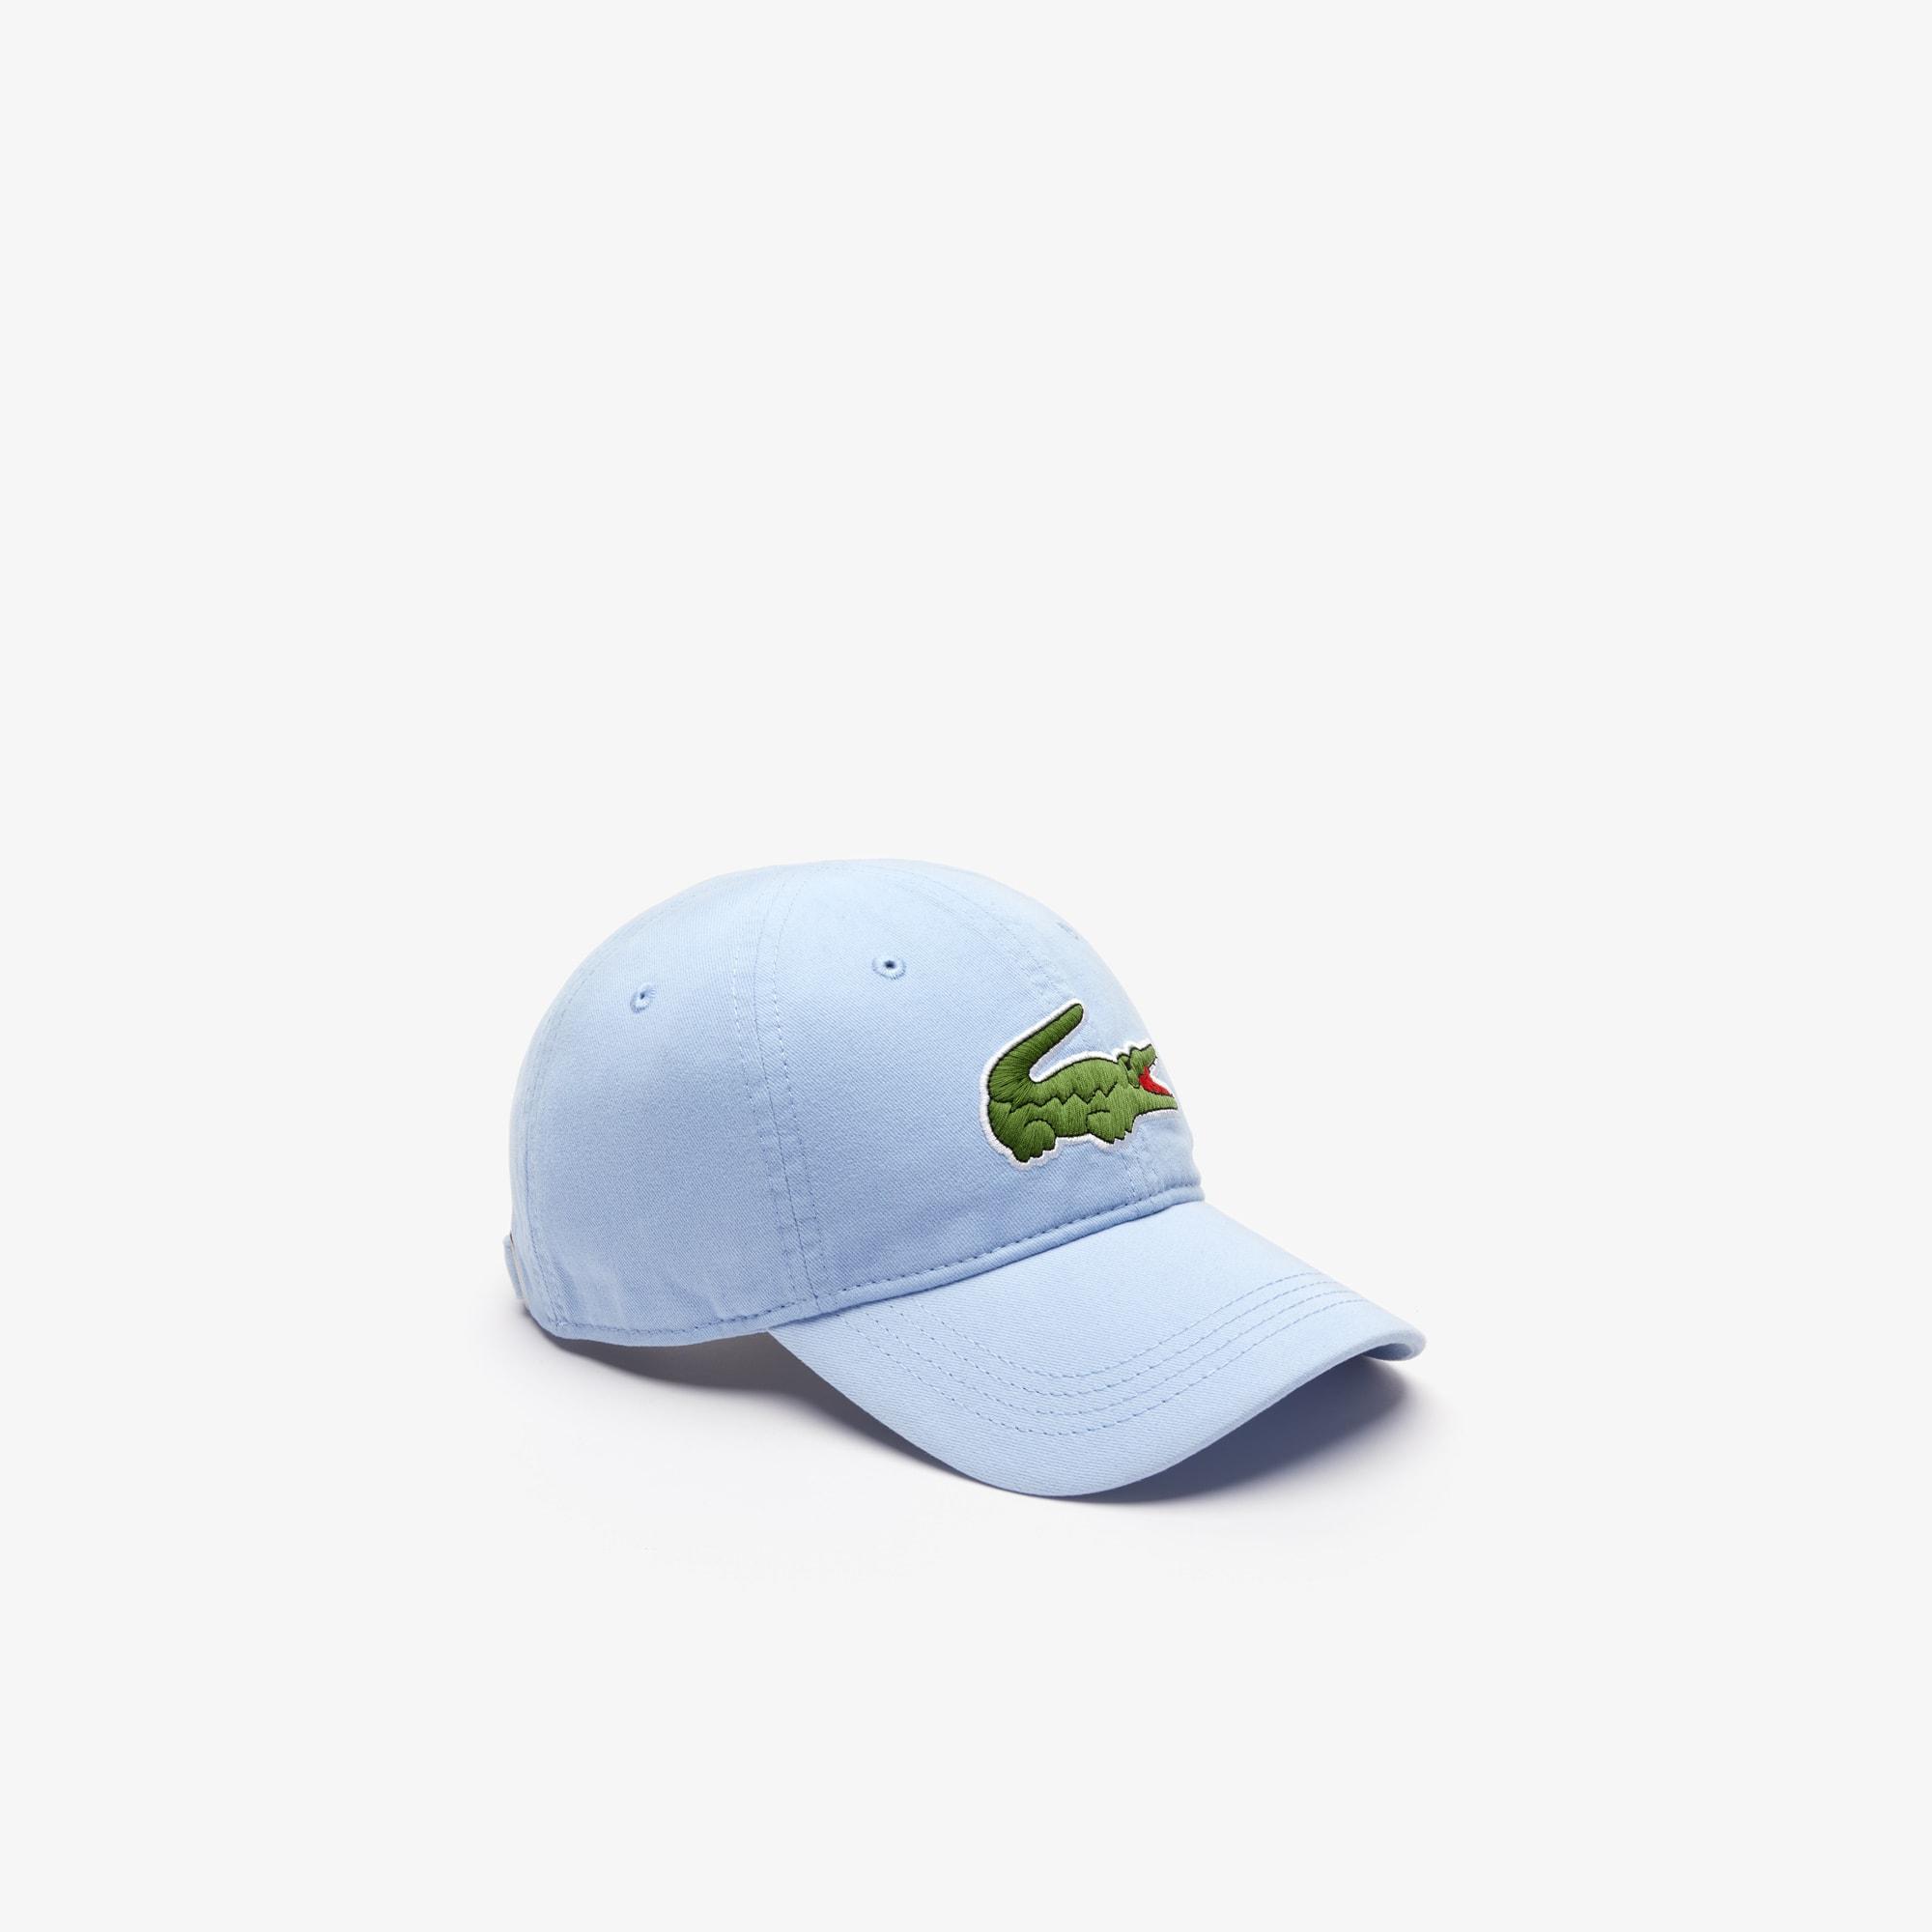 750fc3b27449 Berretti e cappelli da uomo